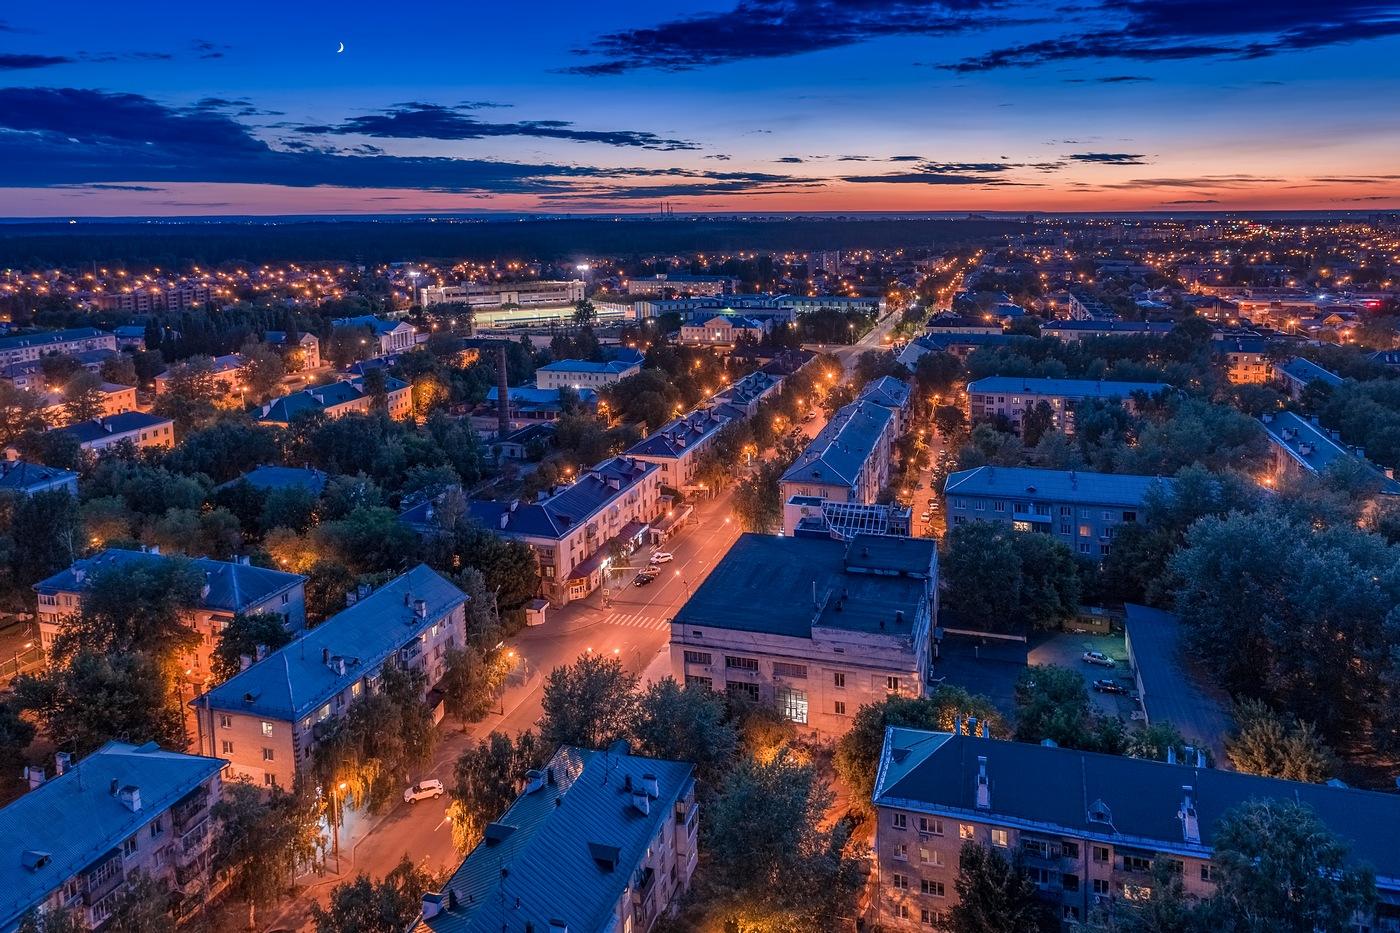 Тольятти с высоты. 2019. Часть 1. город как на ладони,фото,аэрофото,аэрофотосъемка,высота,захватывающие картинки города,Самарская область,квадрокоптер,красивые фотографии с высоты,все о городе,Тольятти,dji